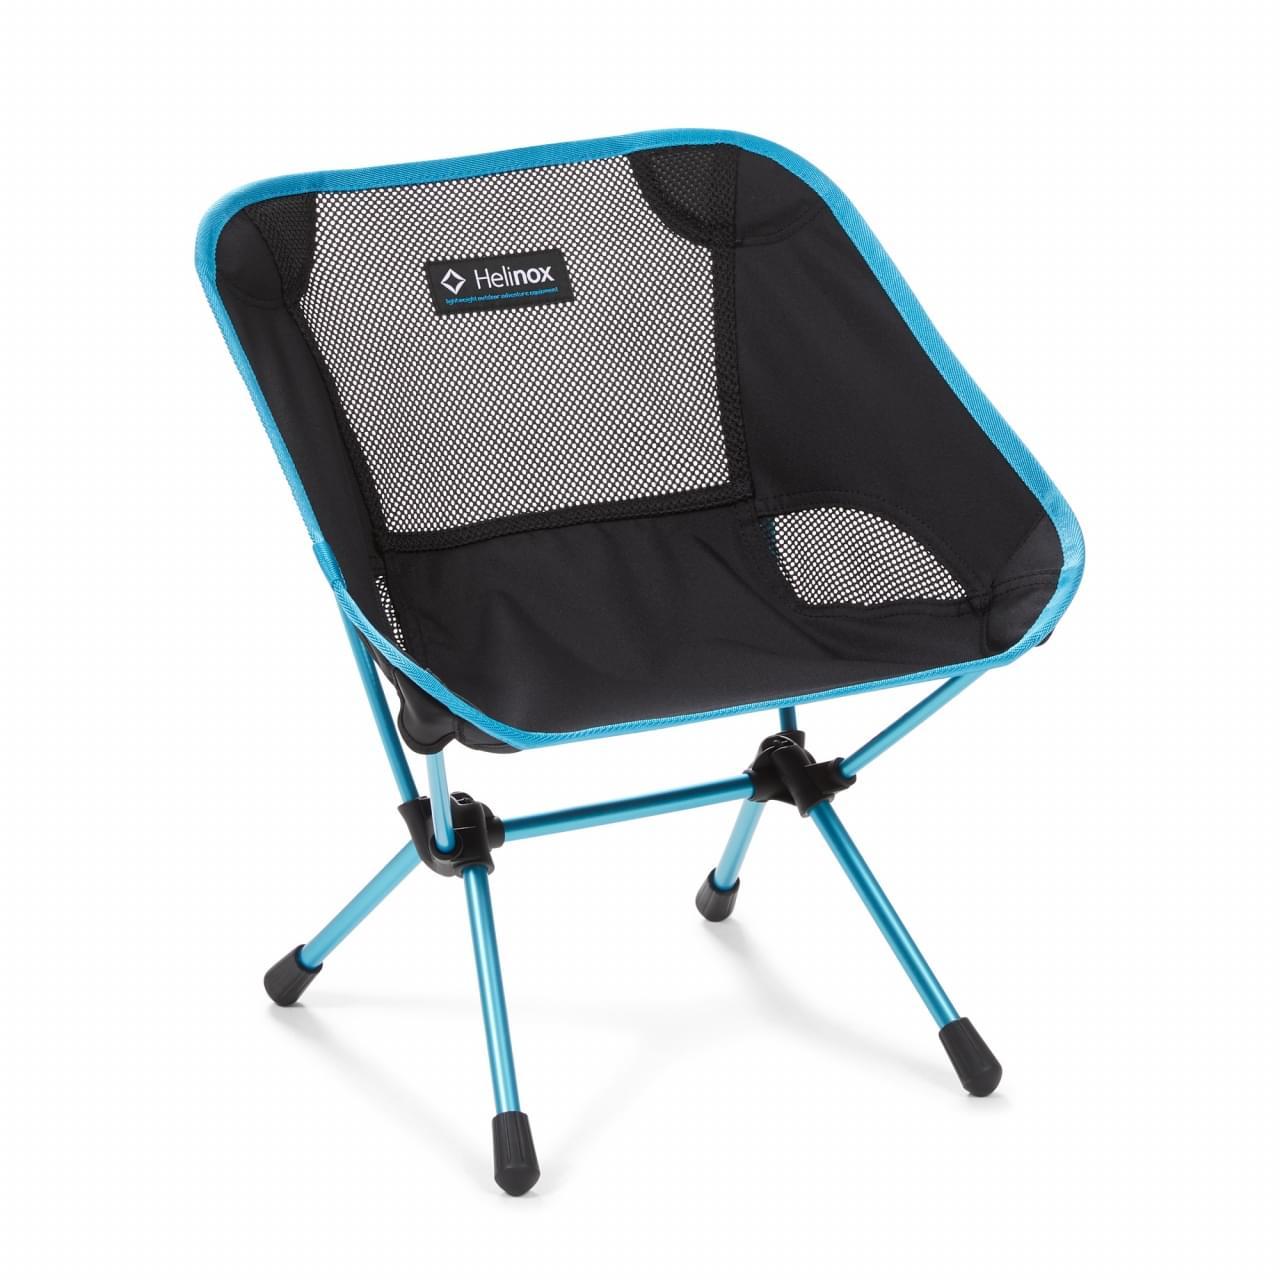 Helinox Chair One Mini Lichtgewicht Stoel - Zwart